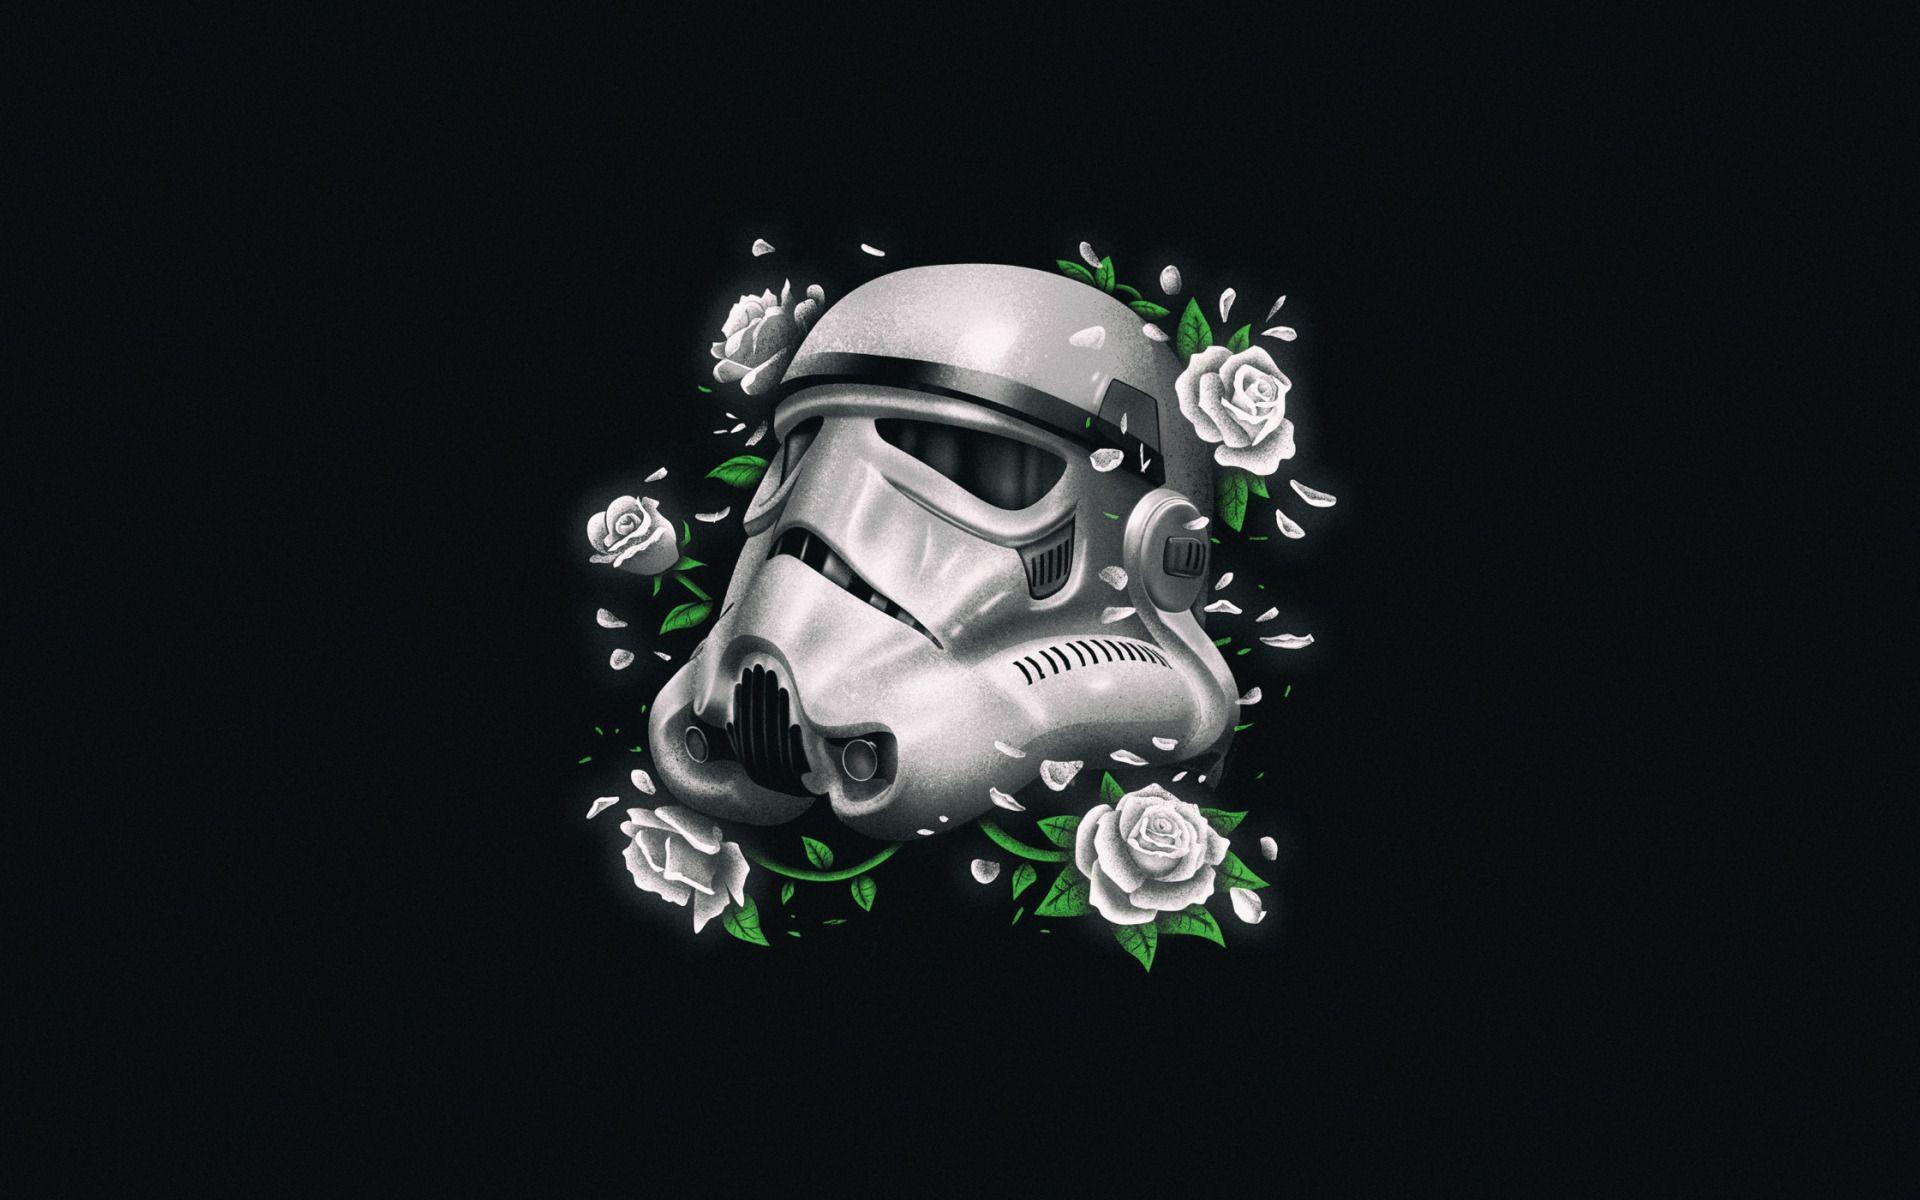 Star Wars Minimalist wallpaper theme